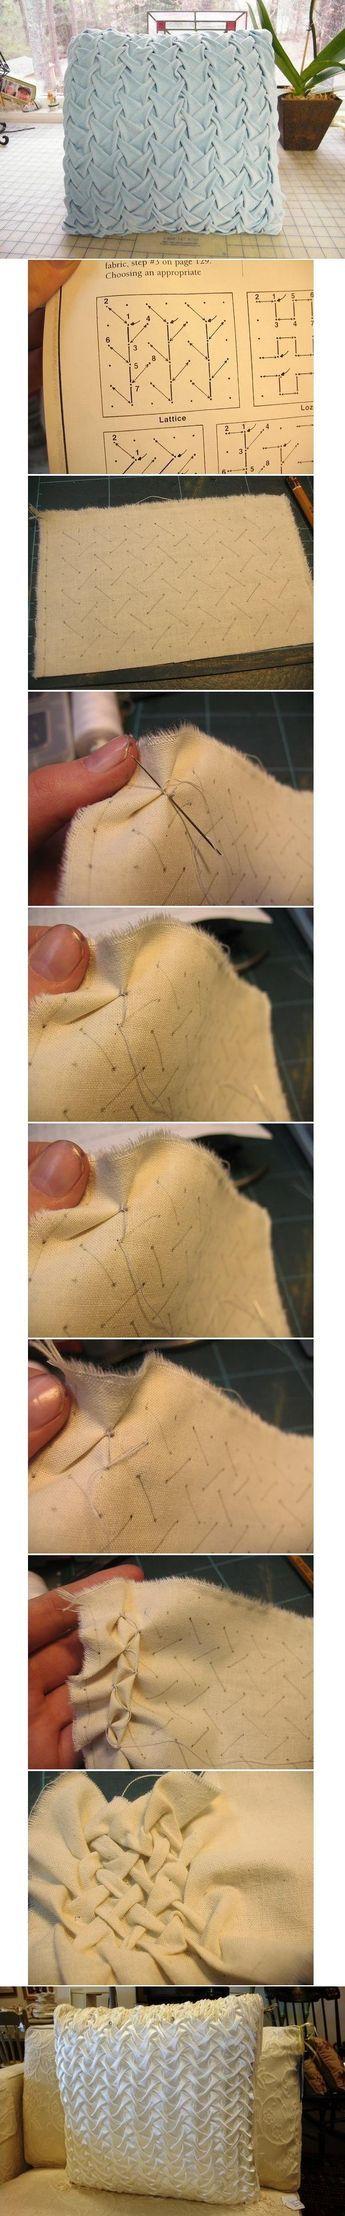 DIY Tridimensional Patrón Funda de almohada DIY Modelo tridimensional Funda de almohada